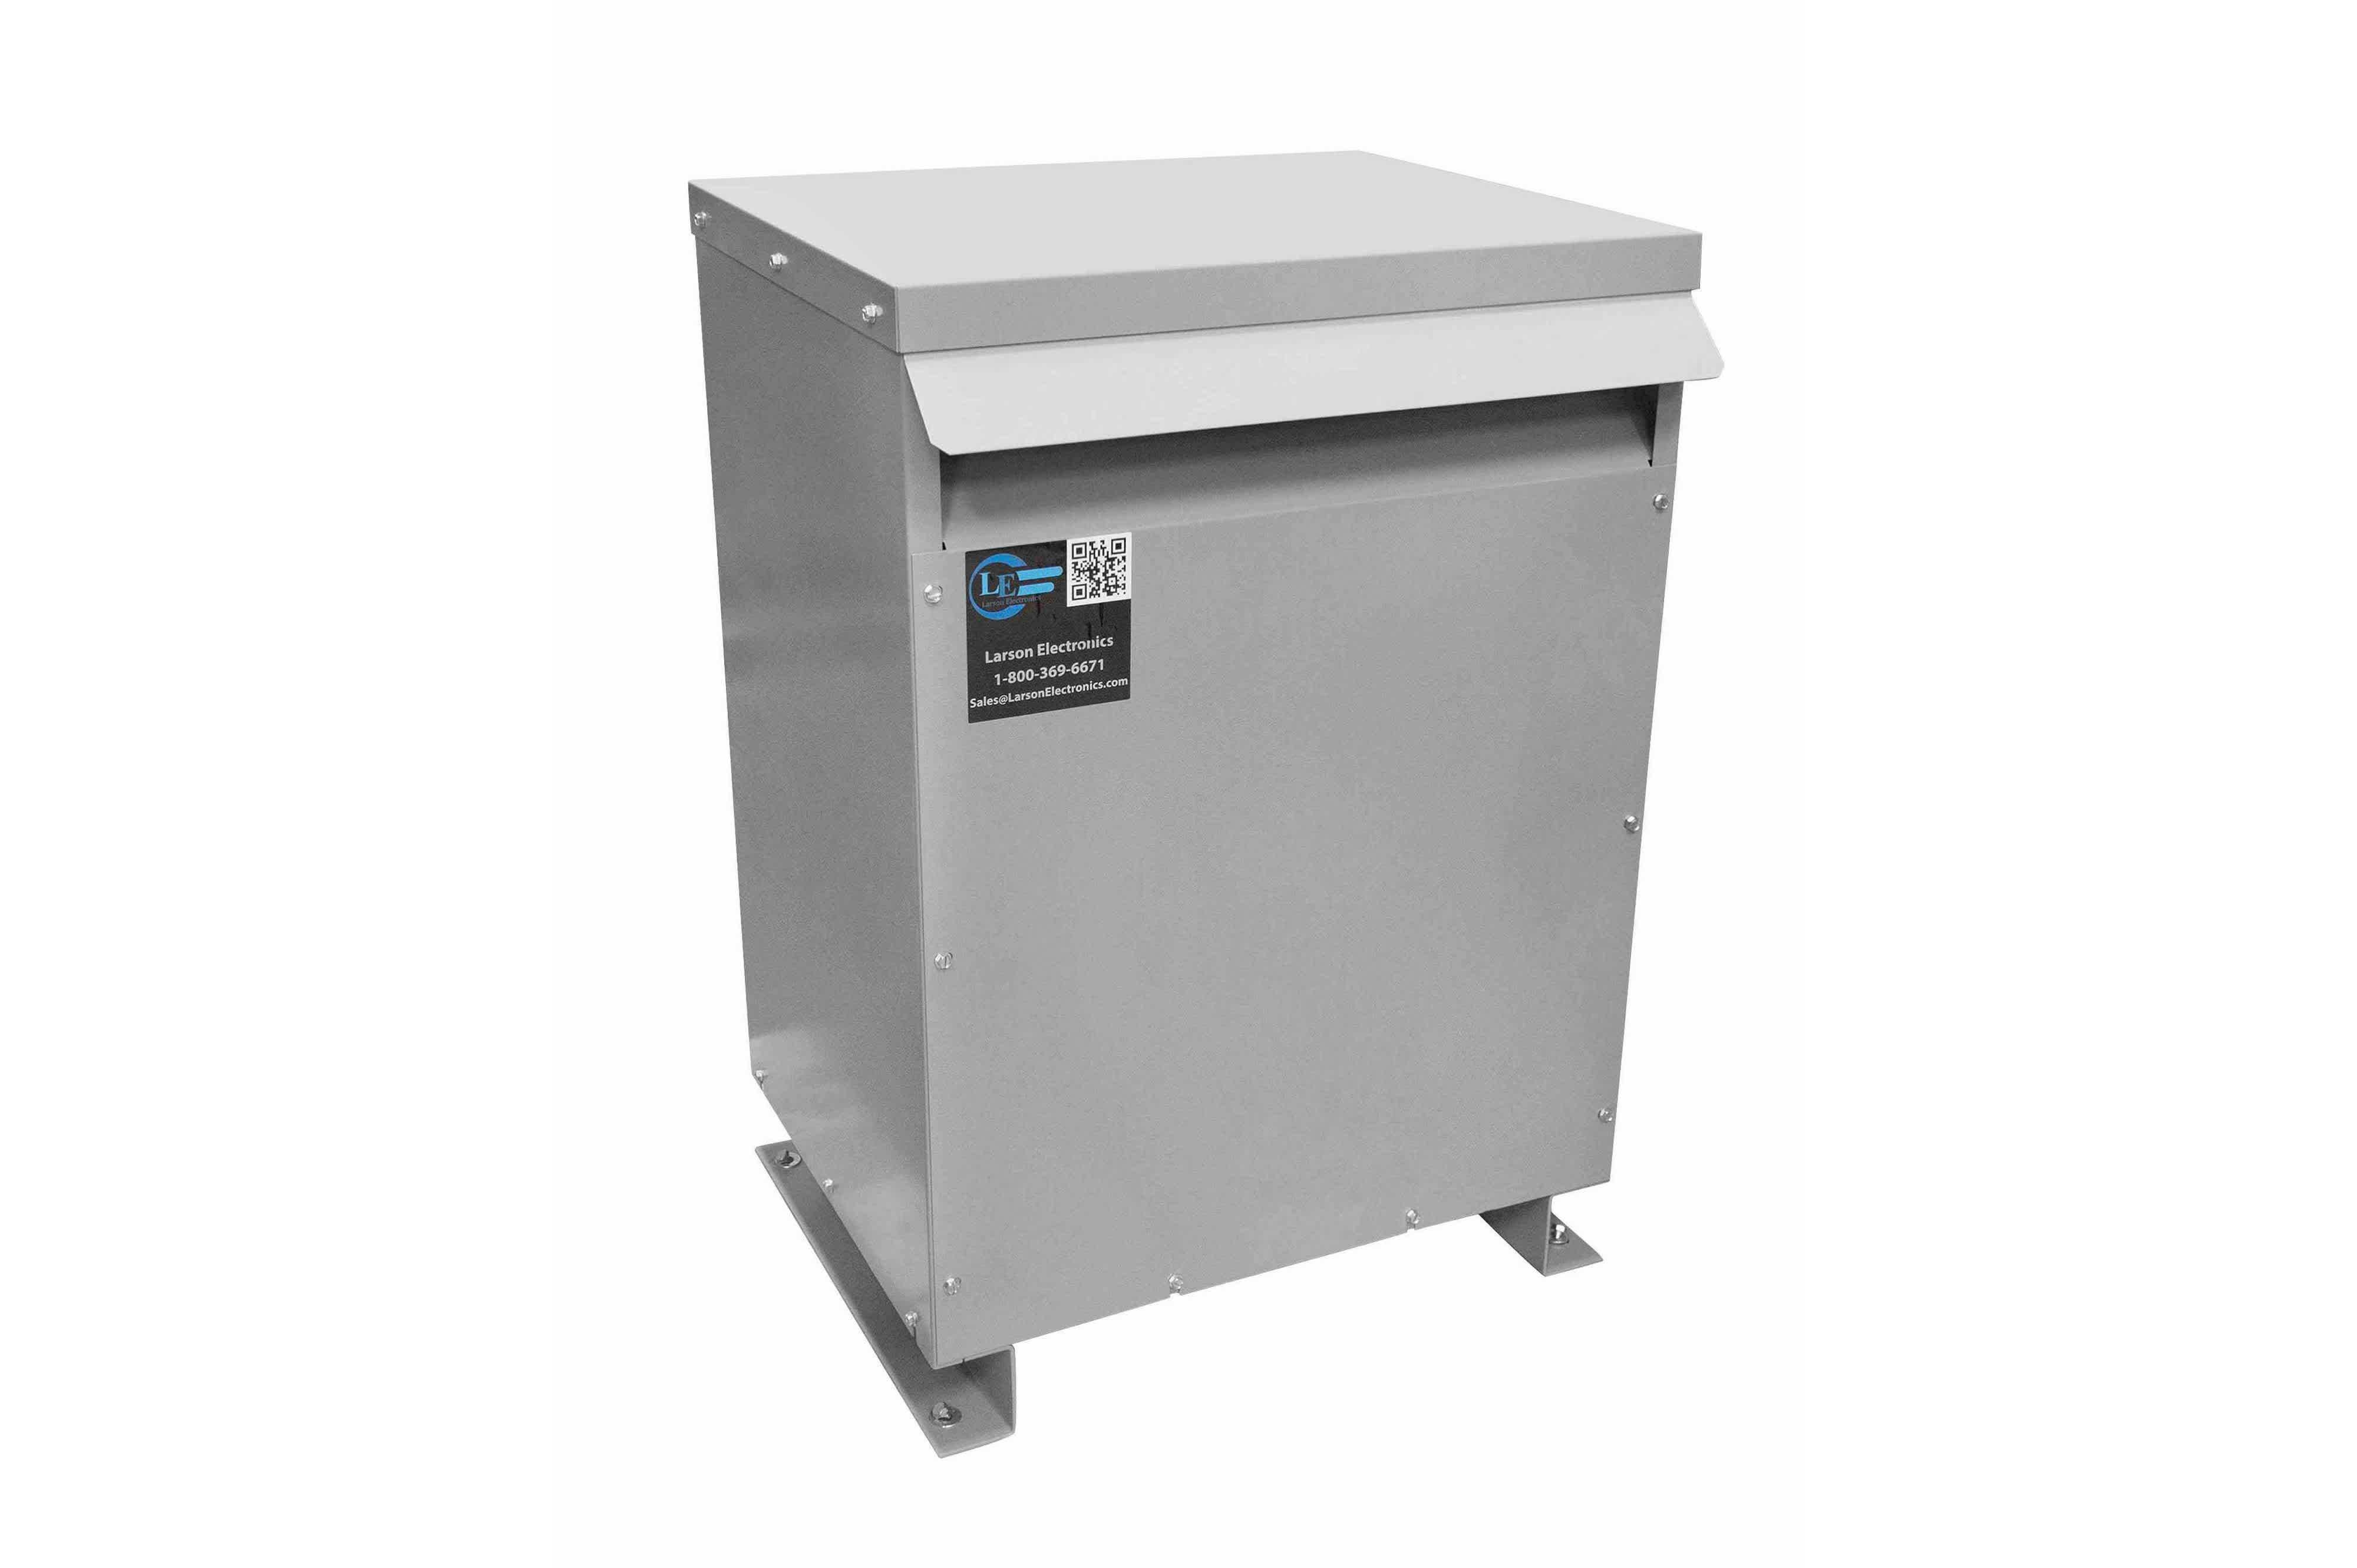 55 kVA 3PH Isolation Transformer, 208V Delta Primary, 480V Delta Secondary, N3R, Ventilated, 60 Hz